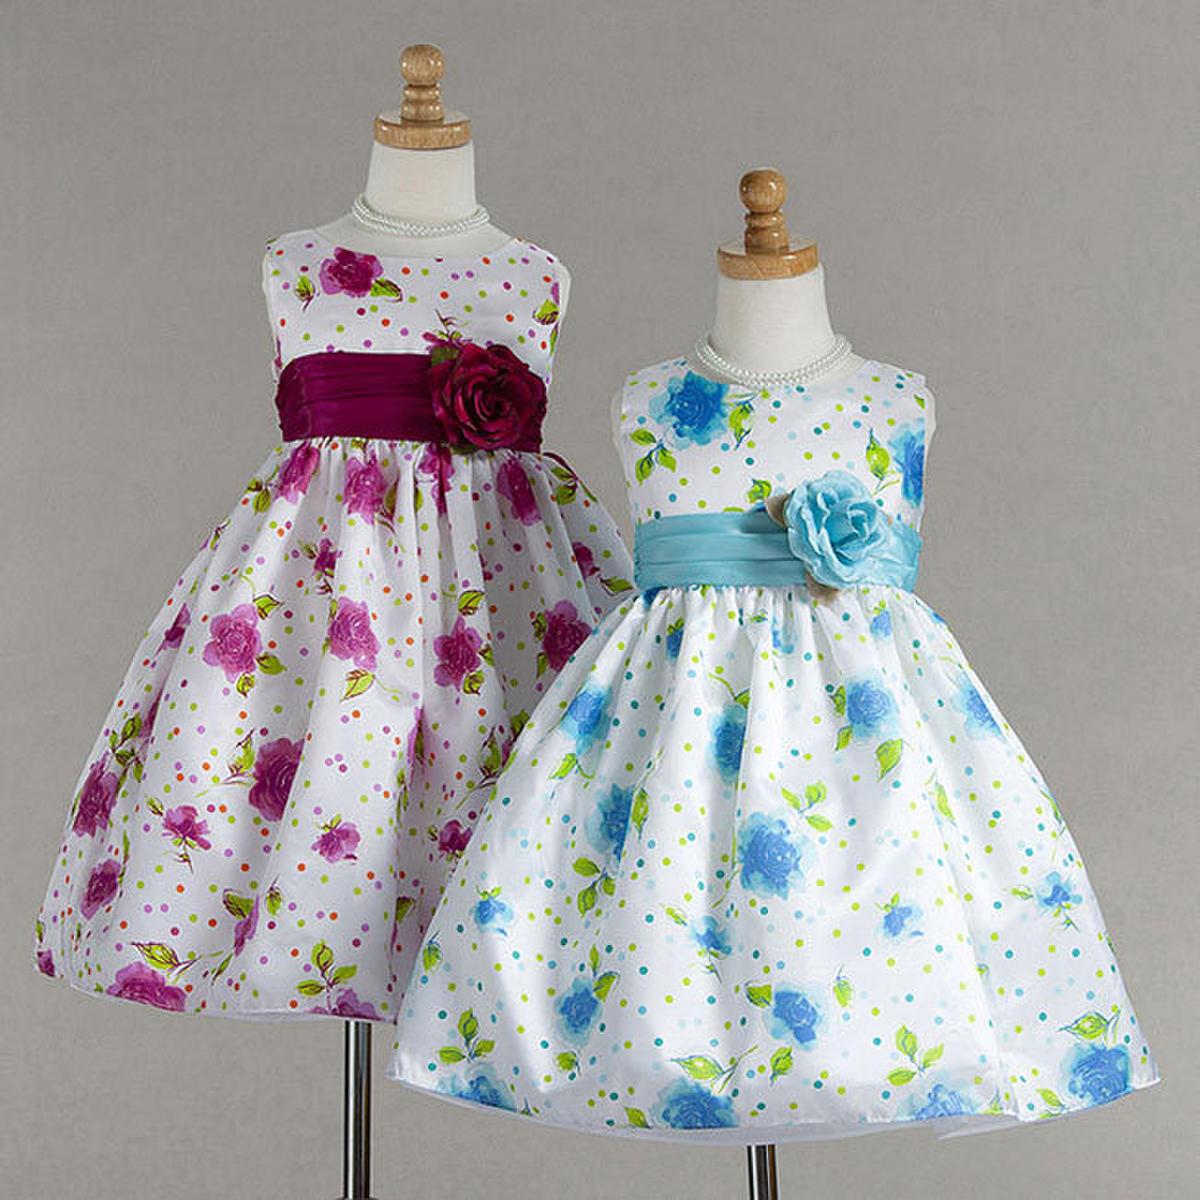 Сшить нарядное платье для девочки своими руками фото